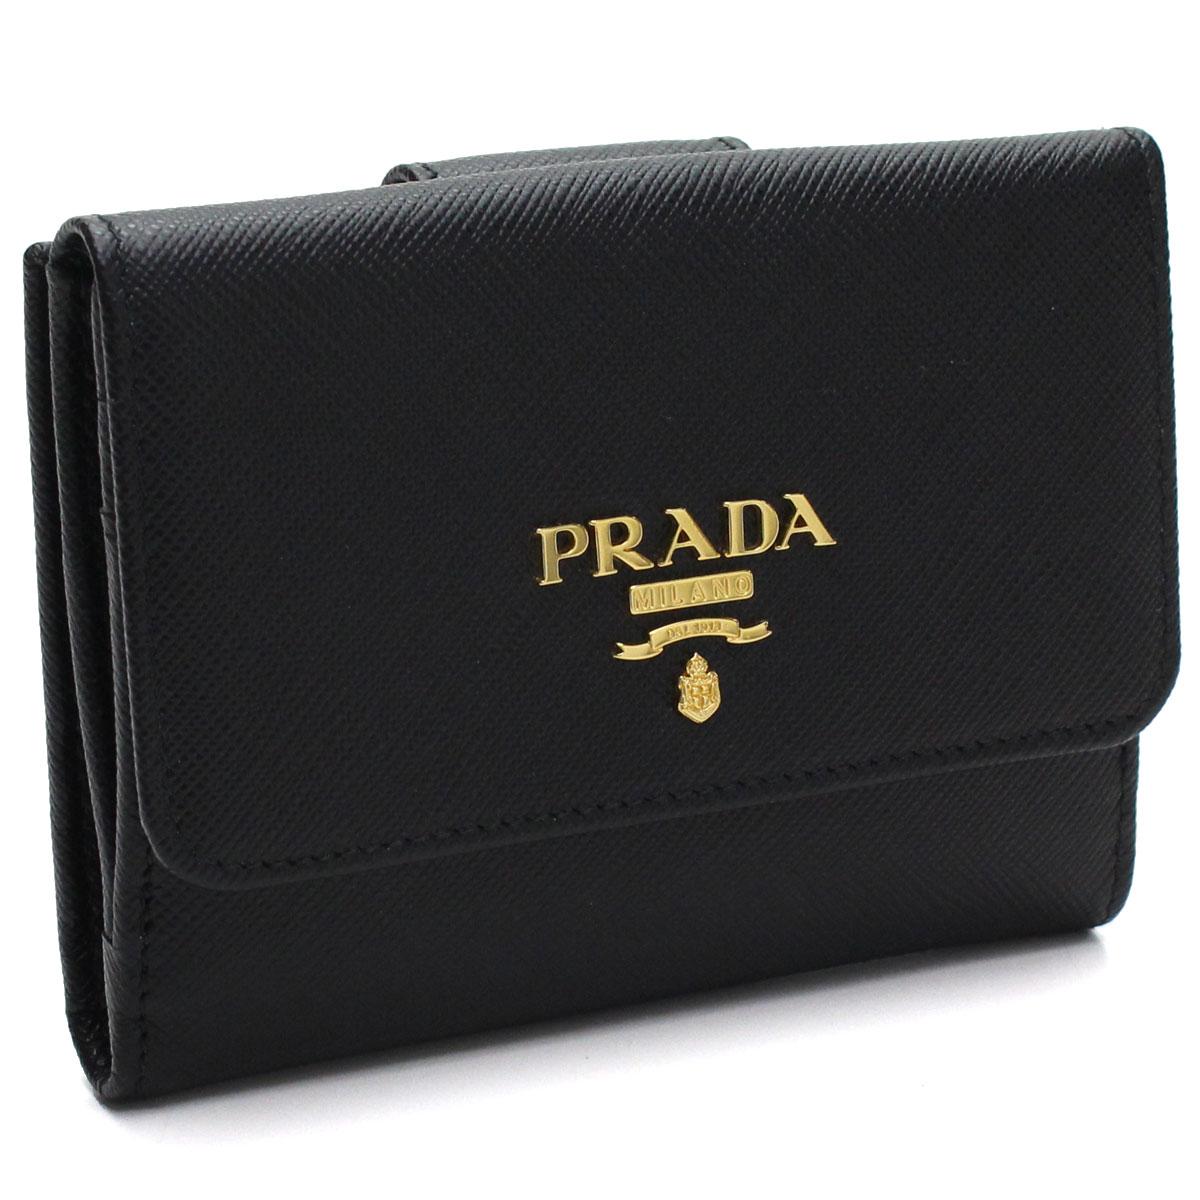 プラダ PRADA サフィアーノ メタル Wホック財布 1MH523 QWA F0002 NERO ブラック 【レディース】